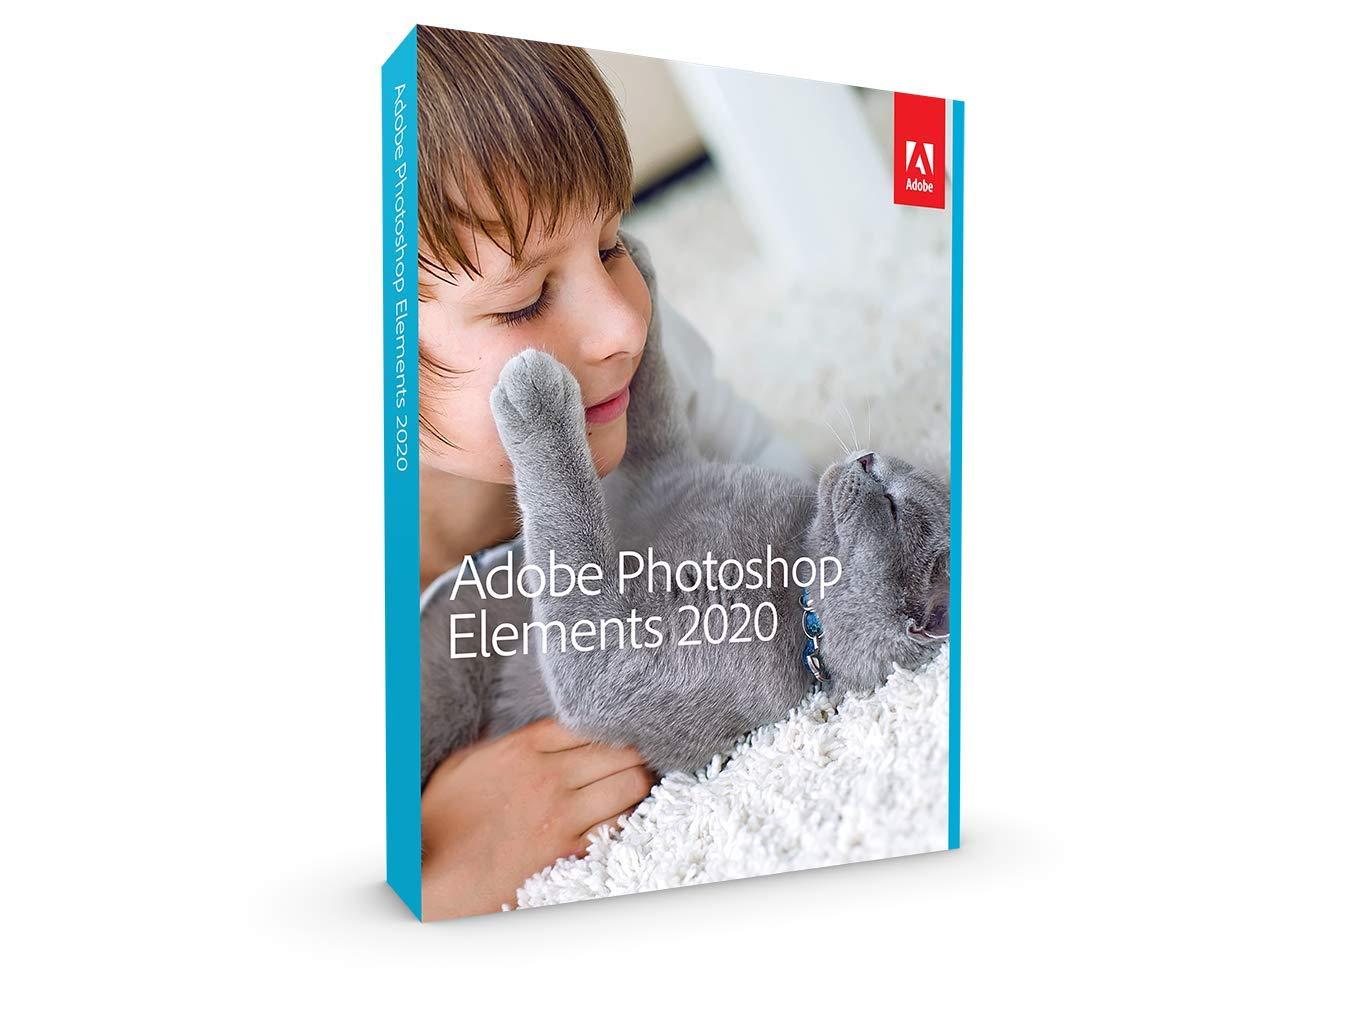 Adobe Photoshop Elements 2020 £54.99 at Amazon